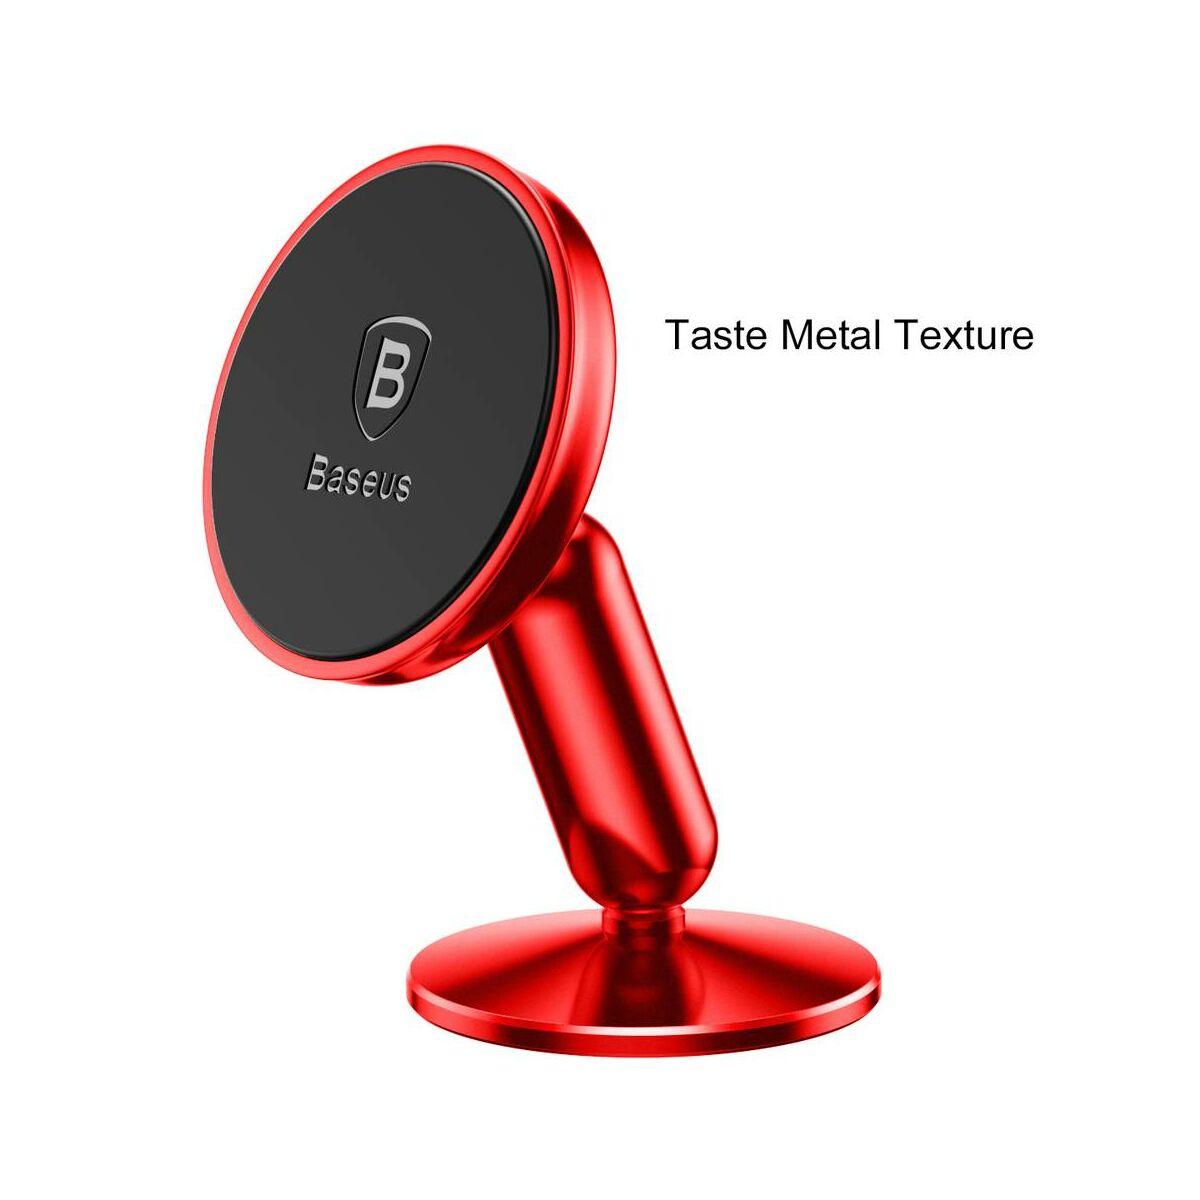 Baseus autós telefon tartó, Bullet mágneses műszerfalra rögzíthető, piros (SUYZD-09)